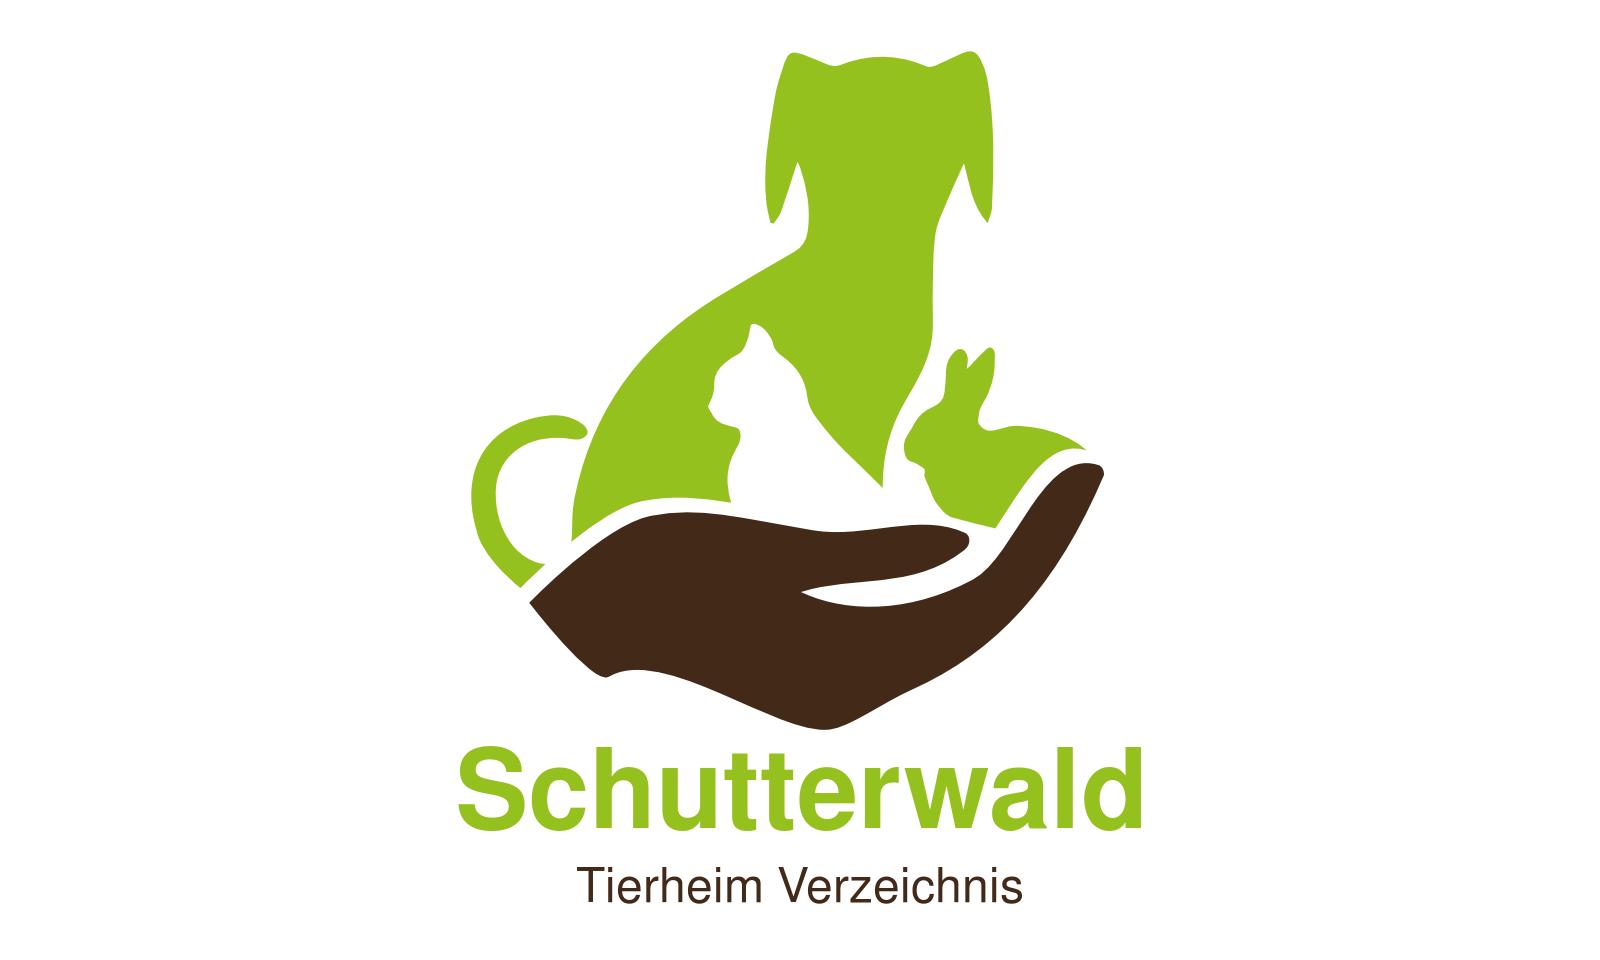 Tierheim Schutterwald